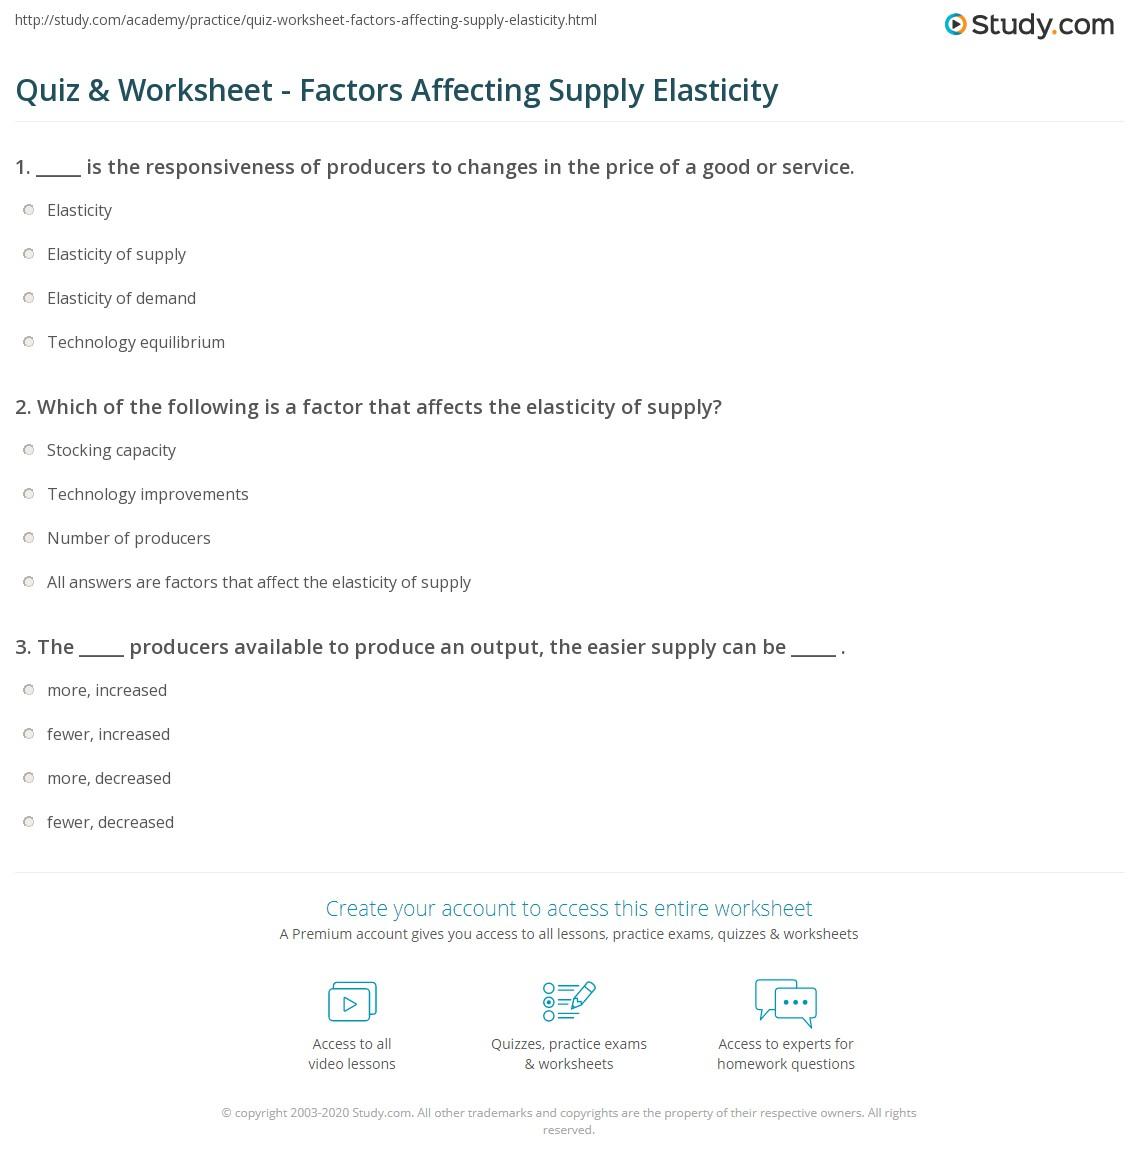 quiz worksheet factors affecting supply elasticity. Black Bedroom Furniture Sets. Home Design Ideas